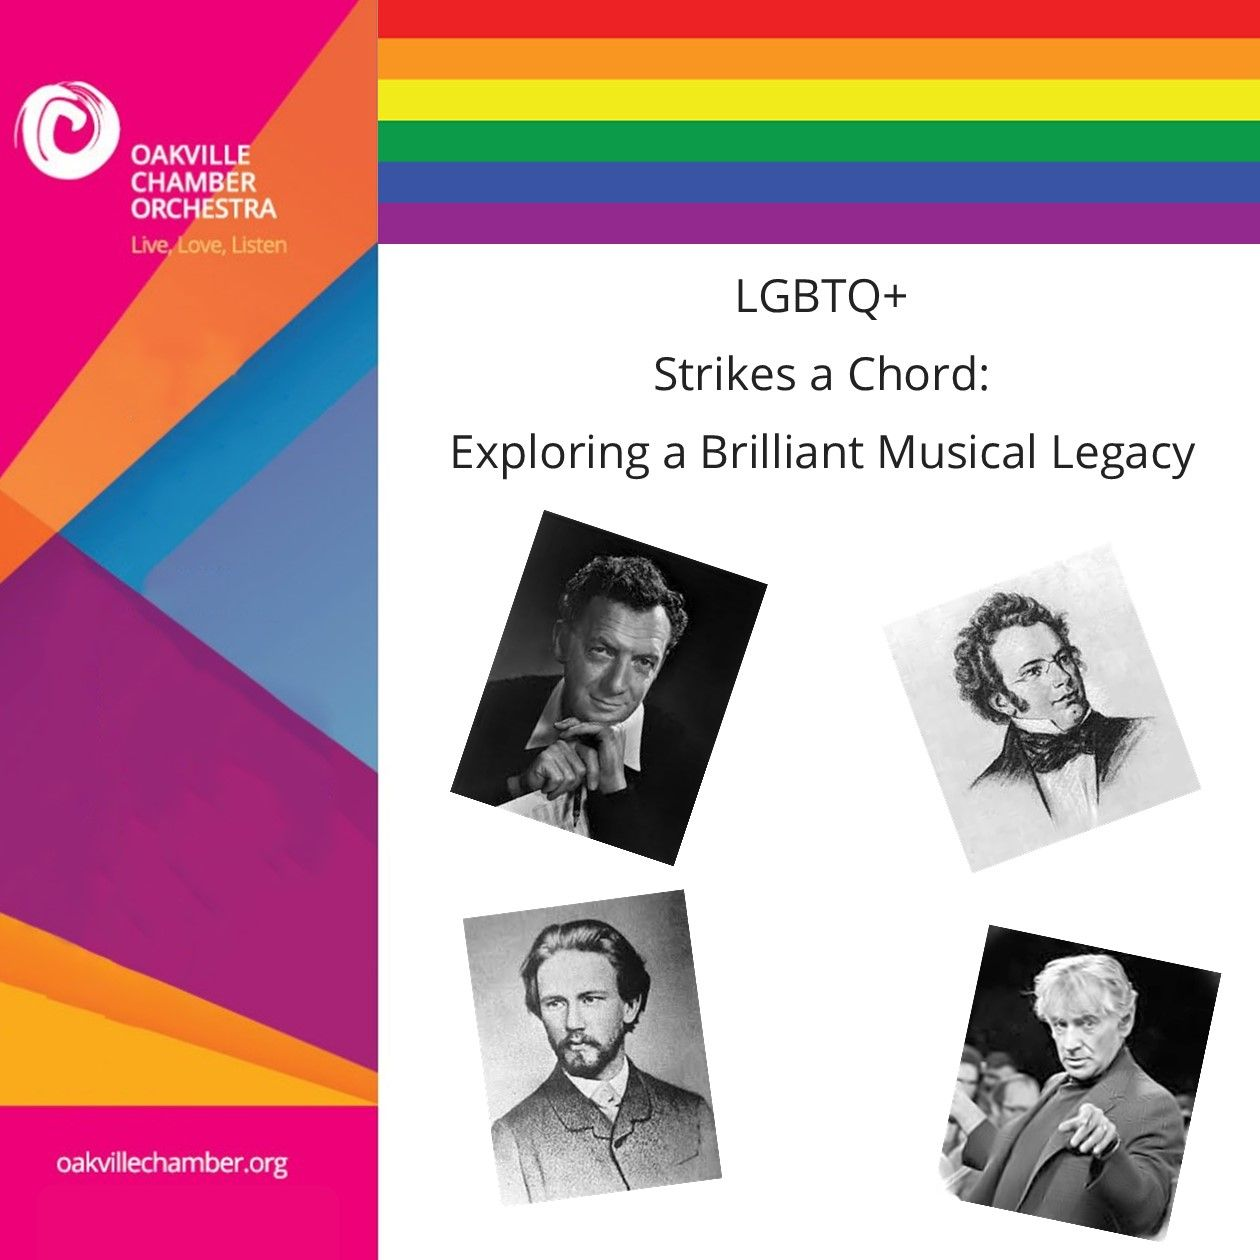 LGBTQ+ Strikes a Chord: Exploring a Brilliant Musical Legacy